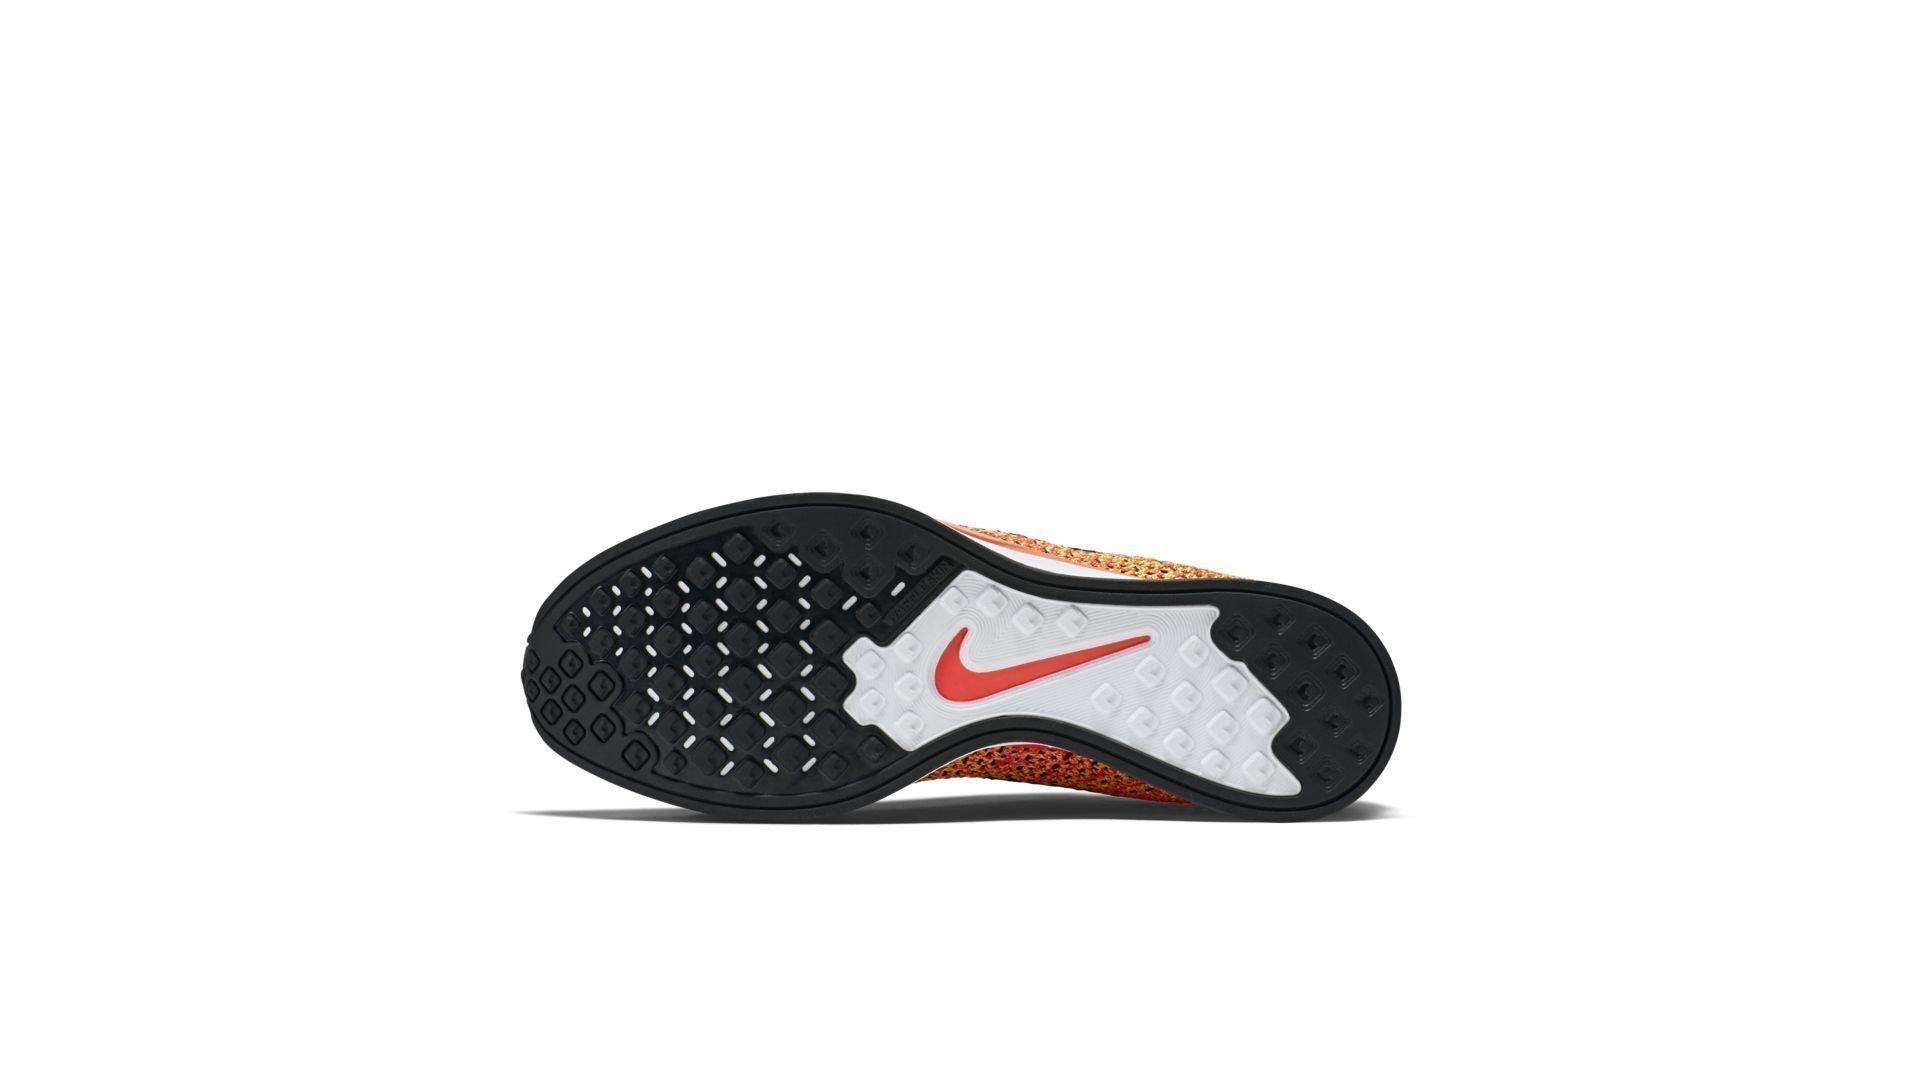 Nike Flyknit Racer Bright Crimson (526628-602)